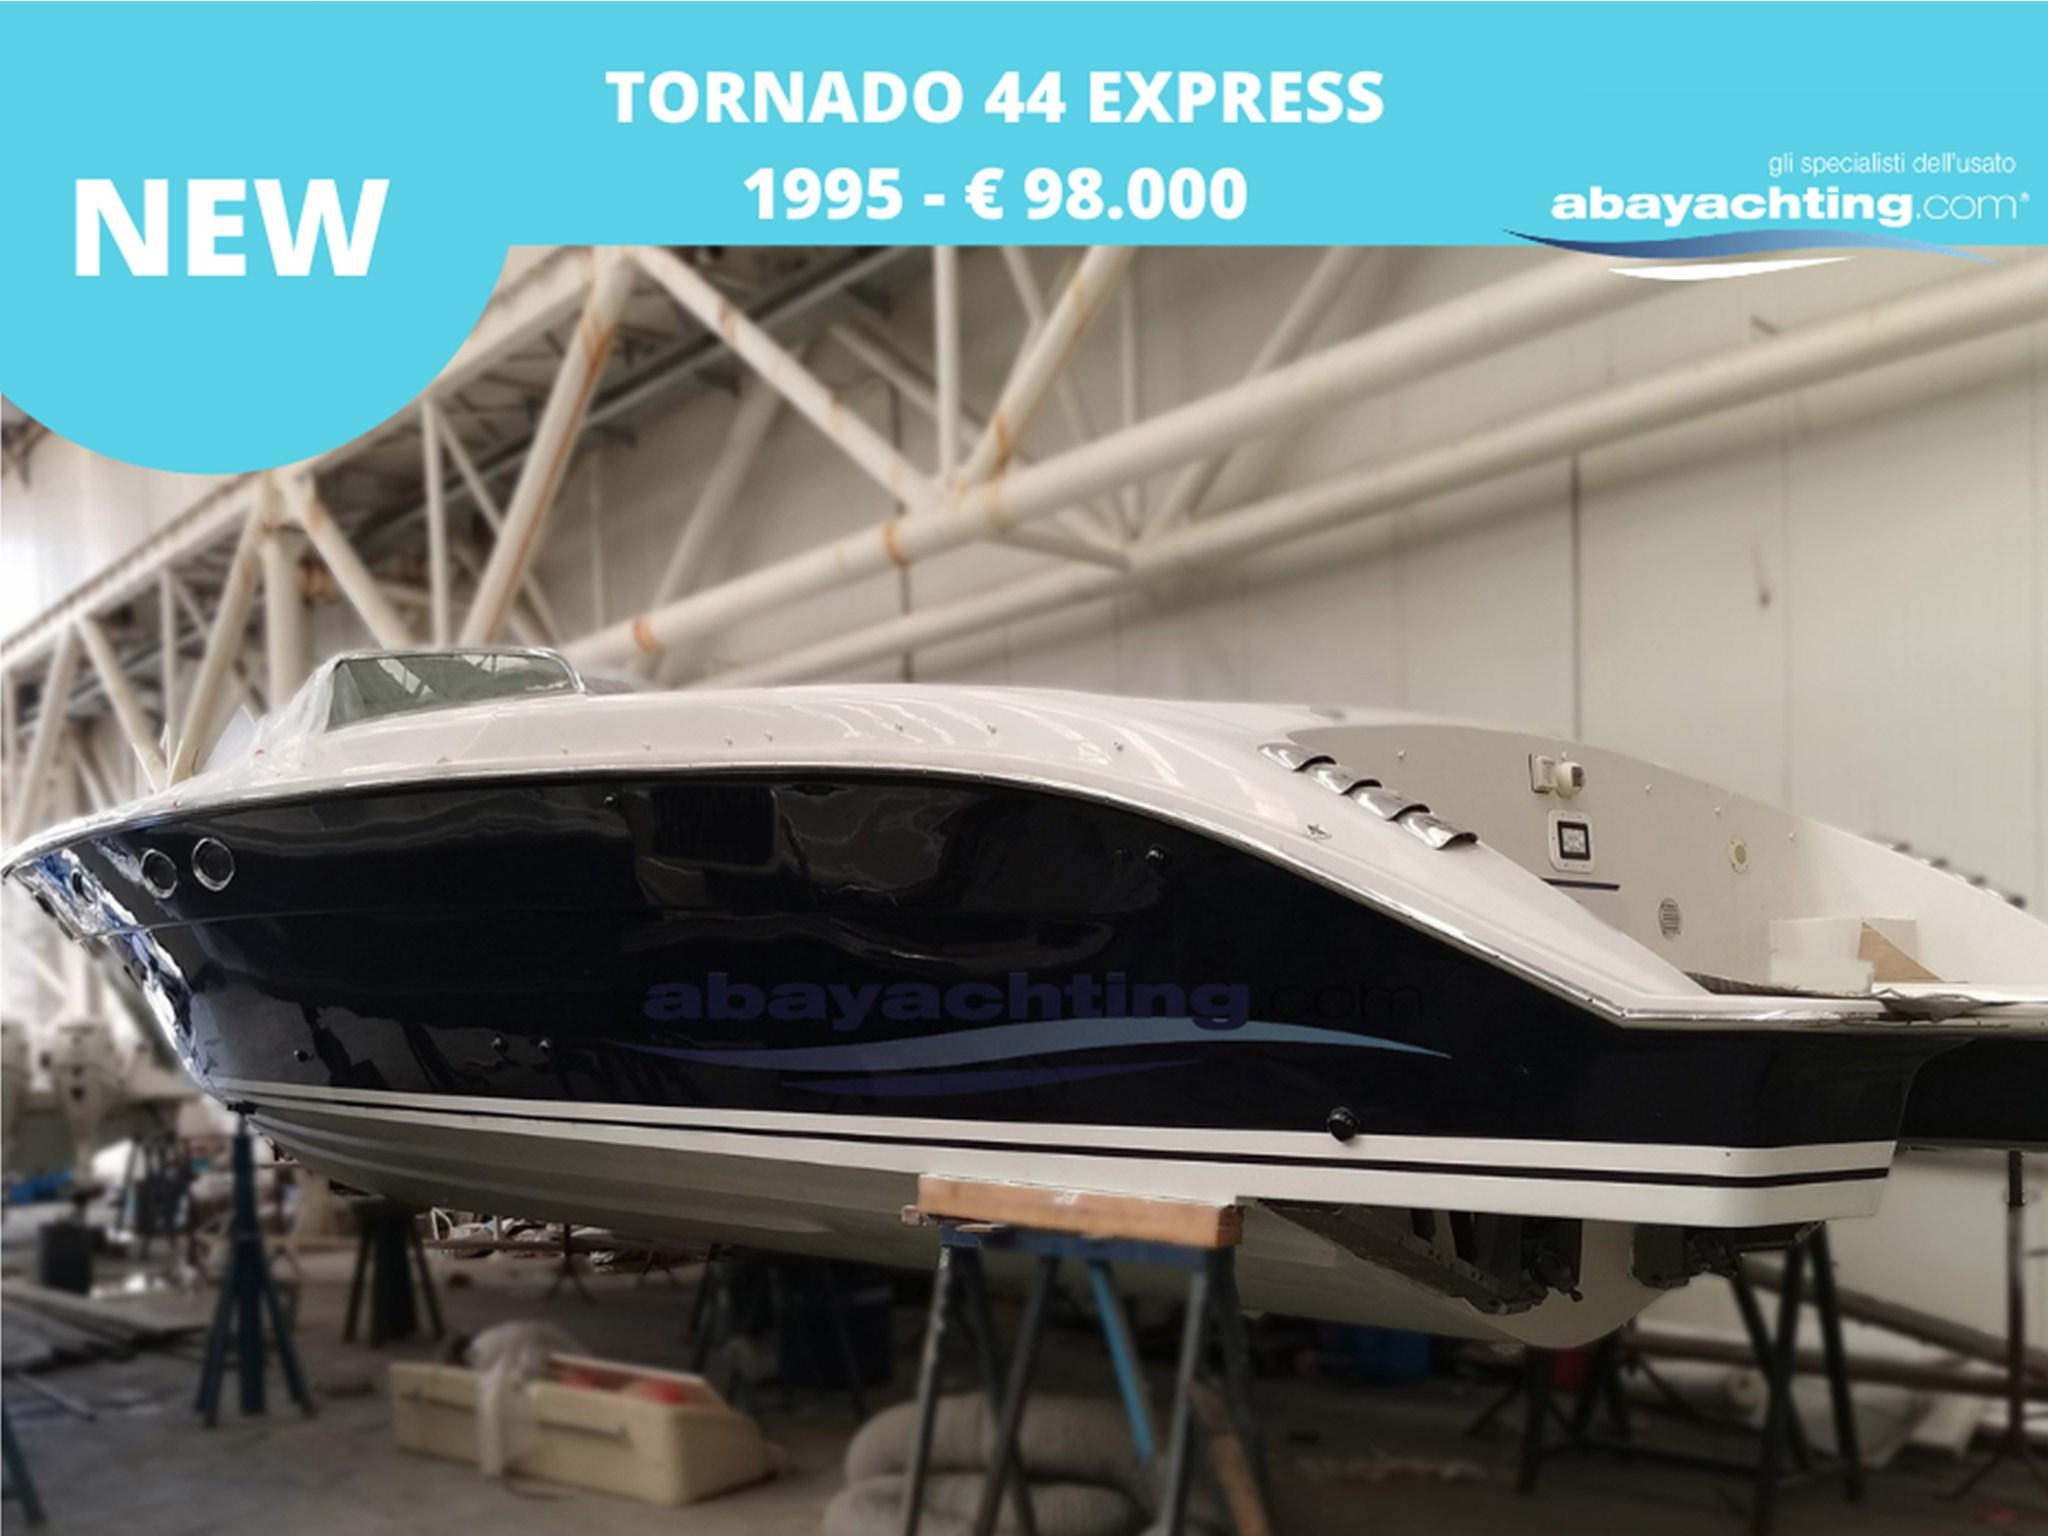 New arrival Tornado 44 Express